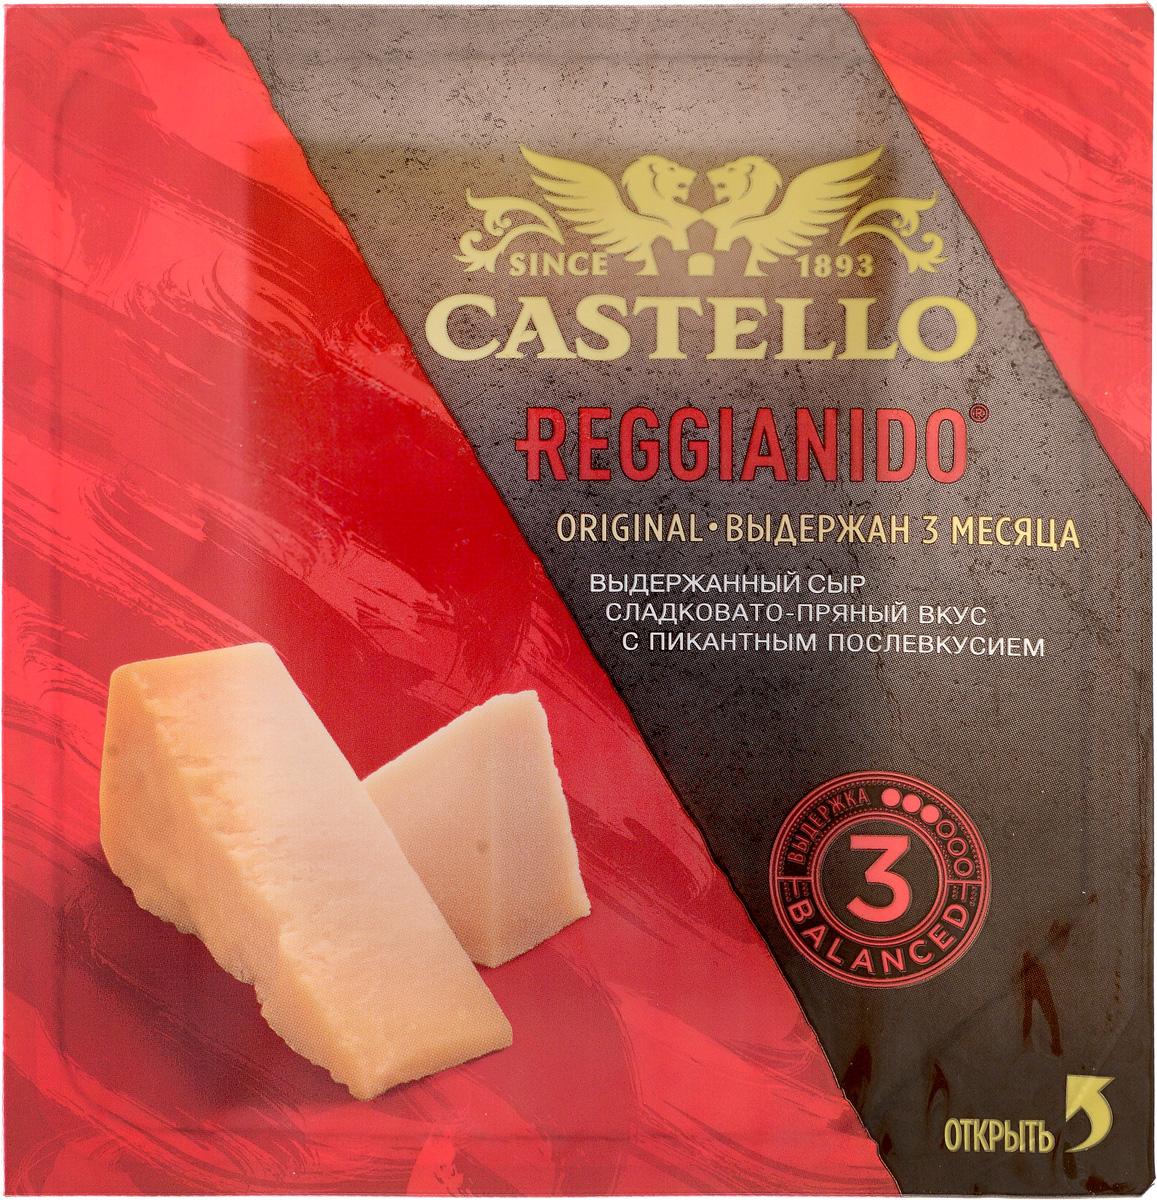 Castello Reggianido Сыр Пармезан выдержка 3 мес, 32%, 150 г